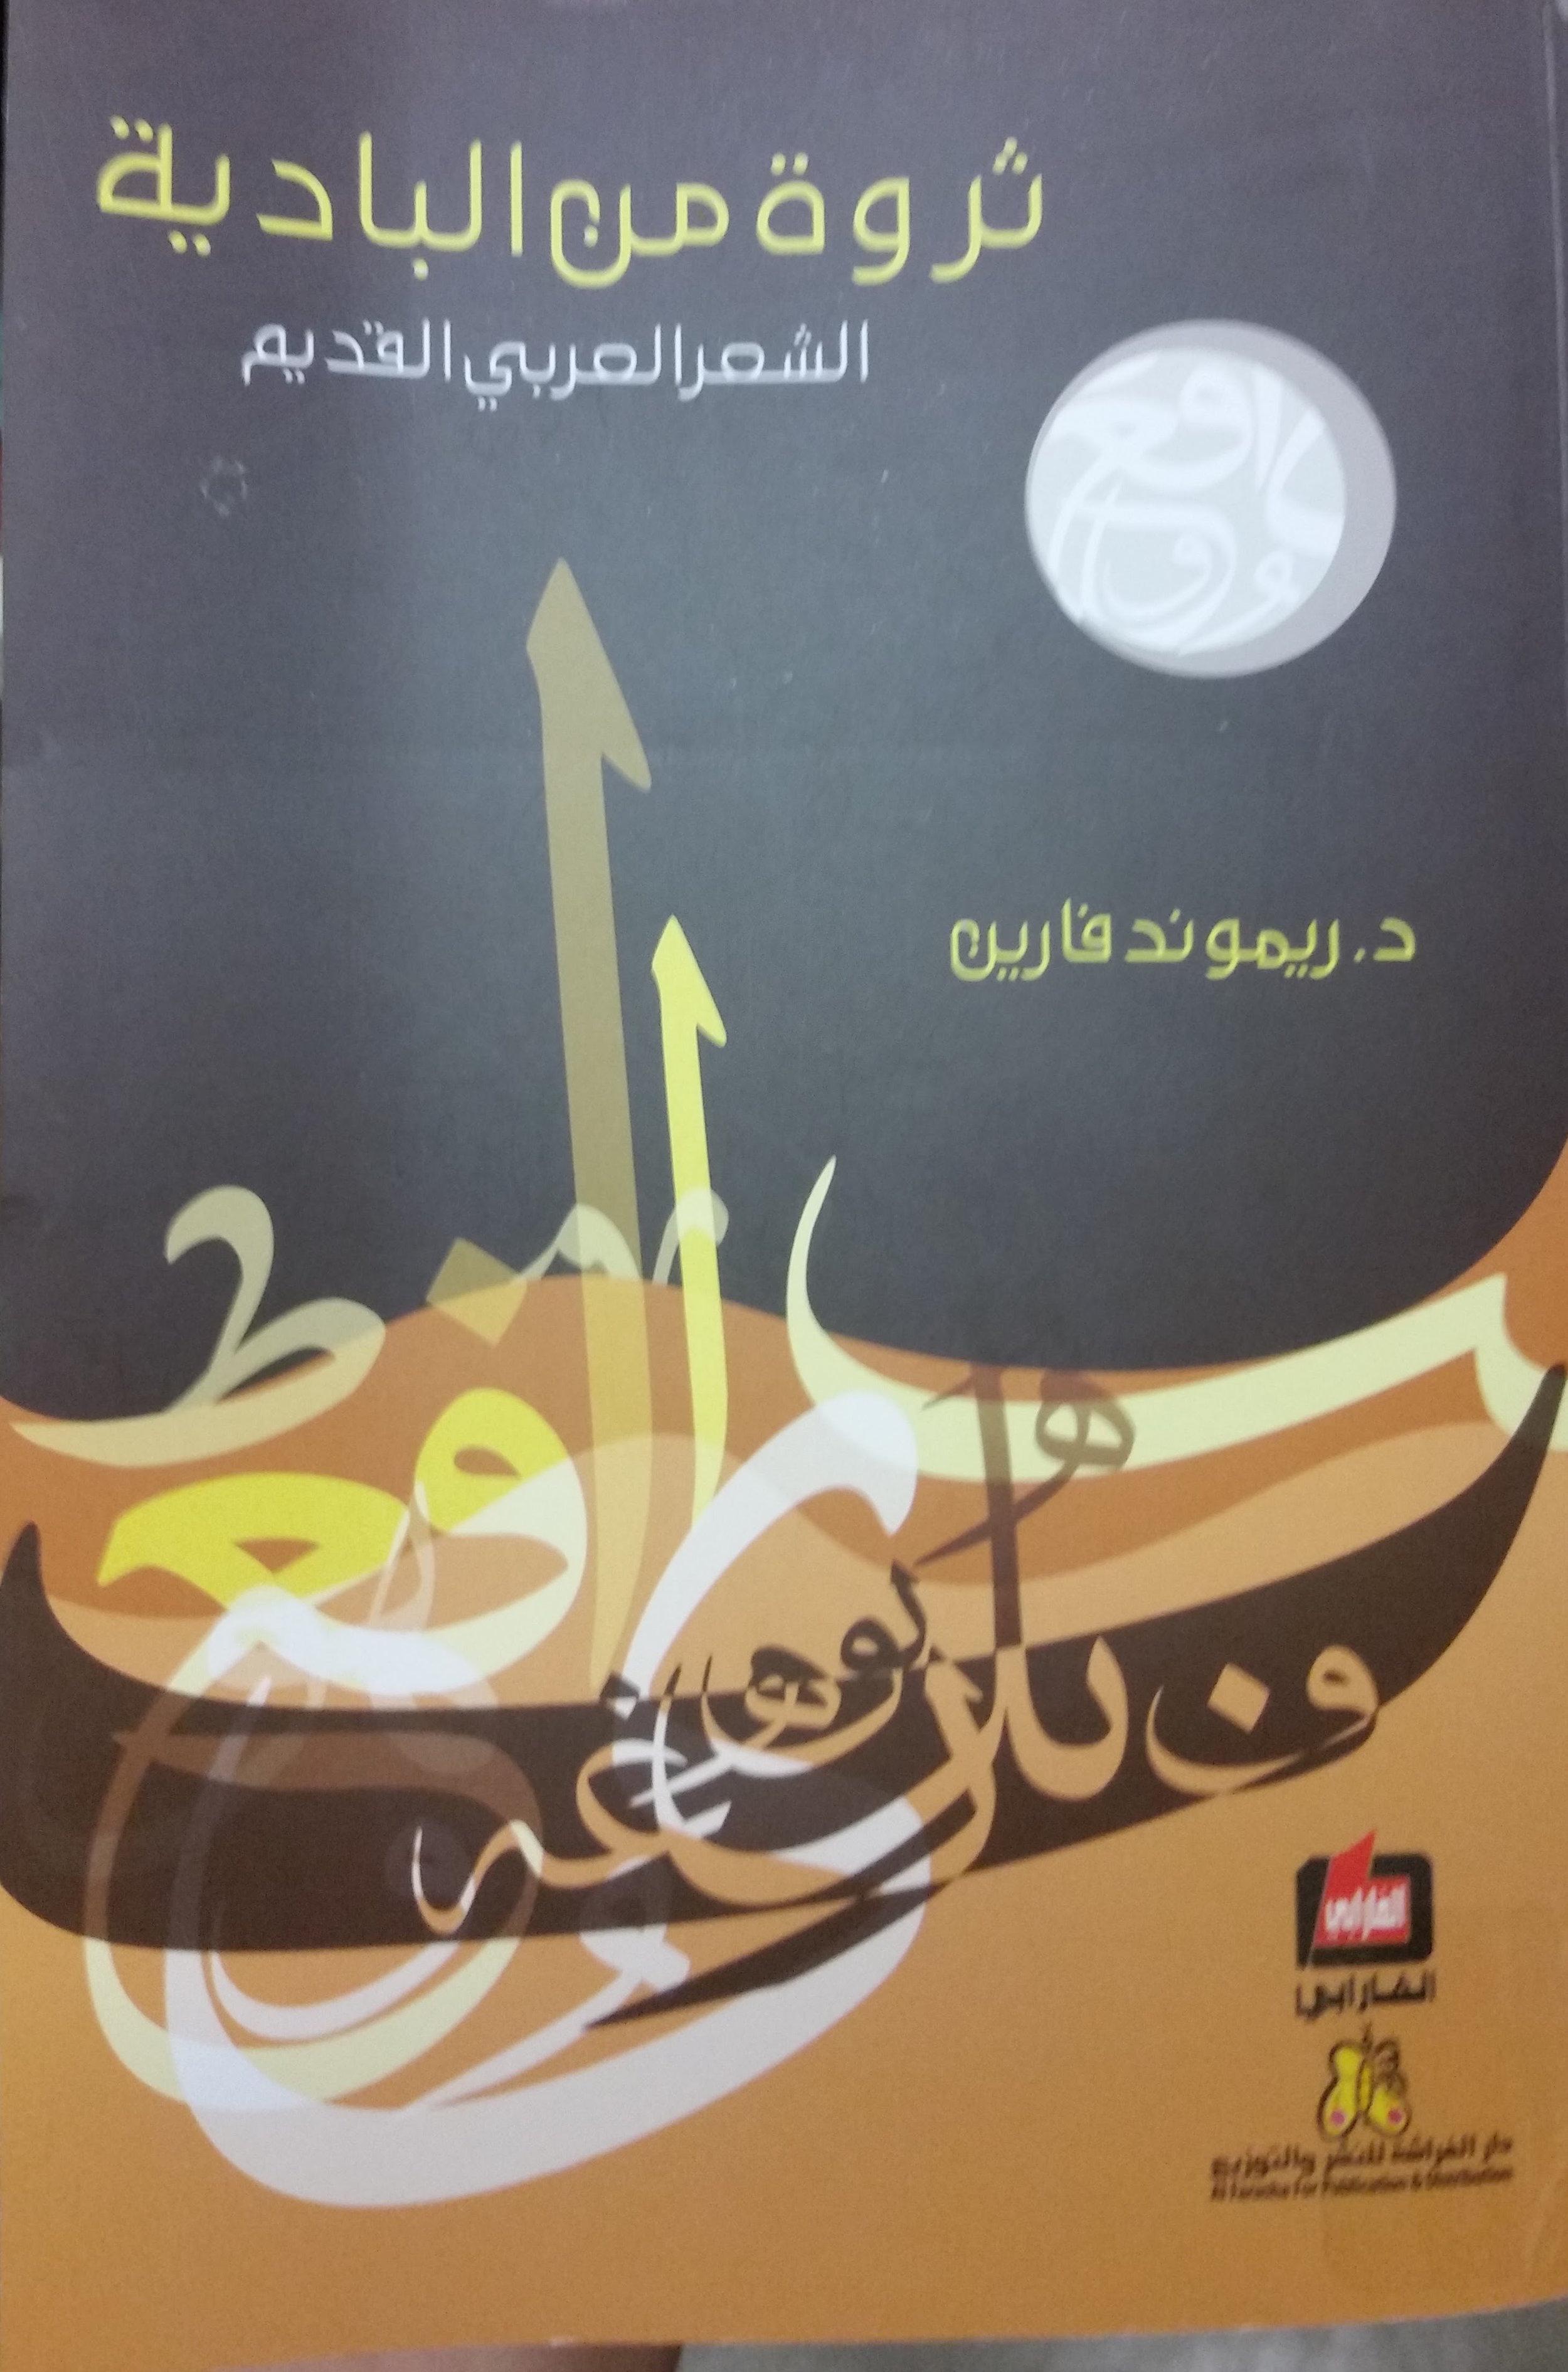 Raymūnd Farrīn (Bayrūt : Dār al-Fārābī ; al-Kuwayt : Dār al-Farāshah li-l-Nashr wa-al-Tawzīʻ, 2013)